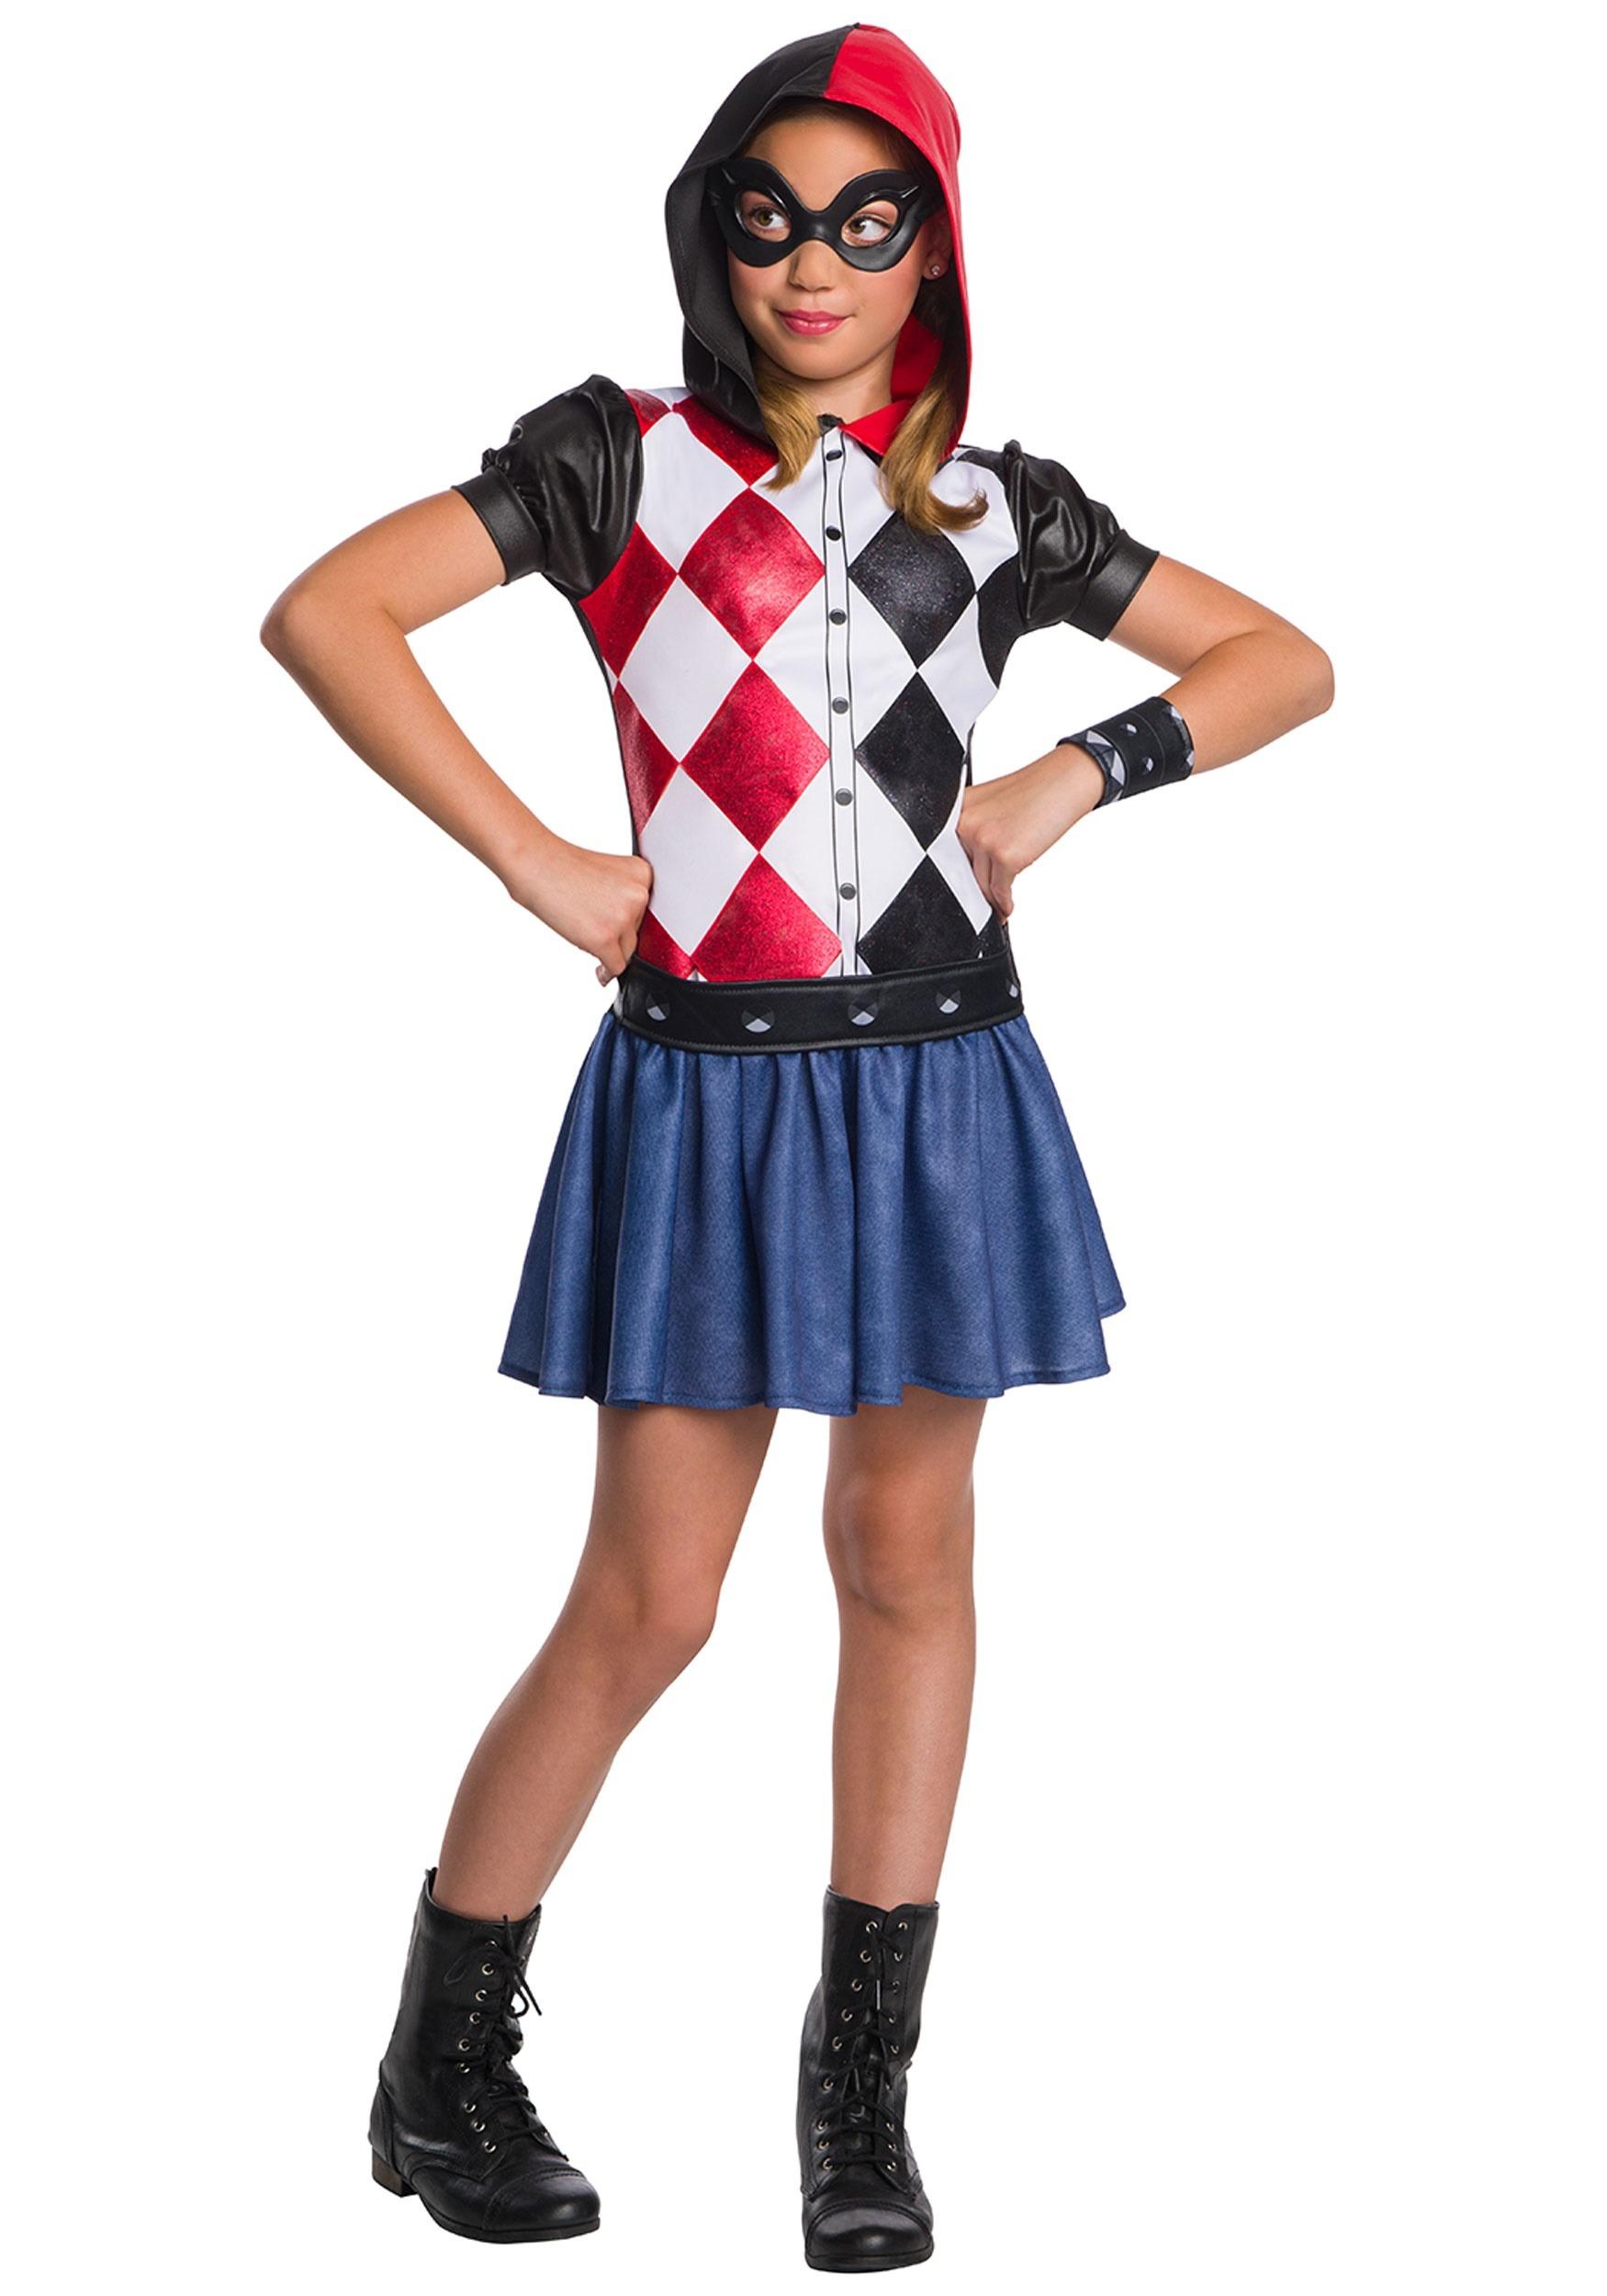 Harley Quinn Costume For Kids